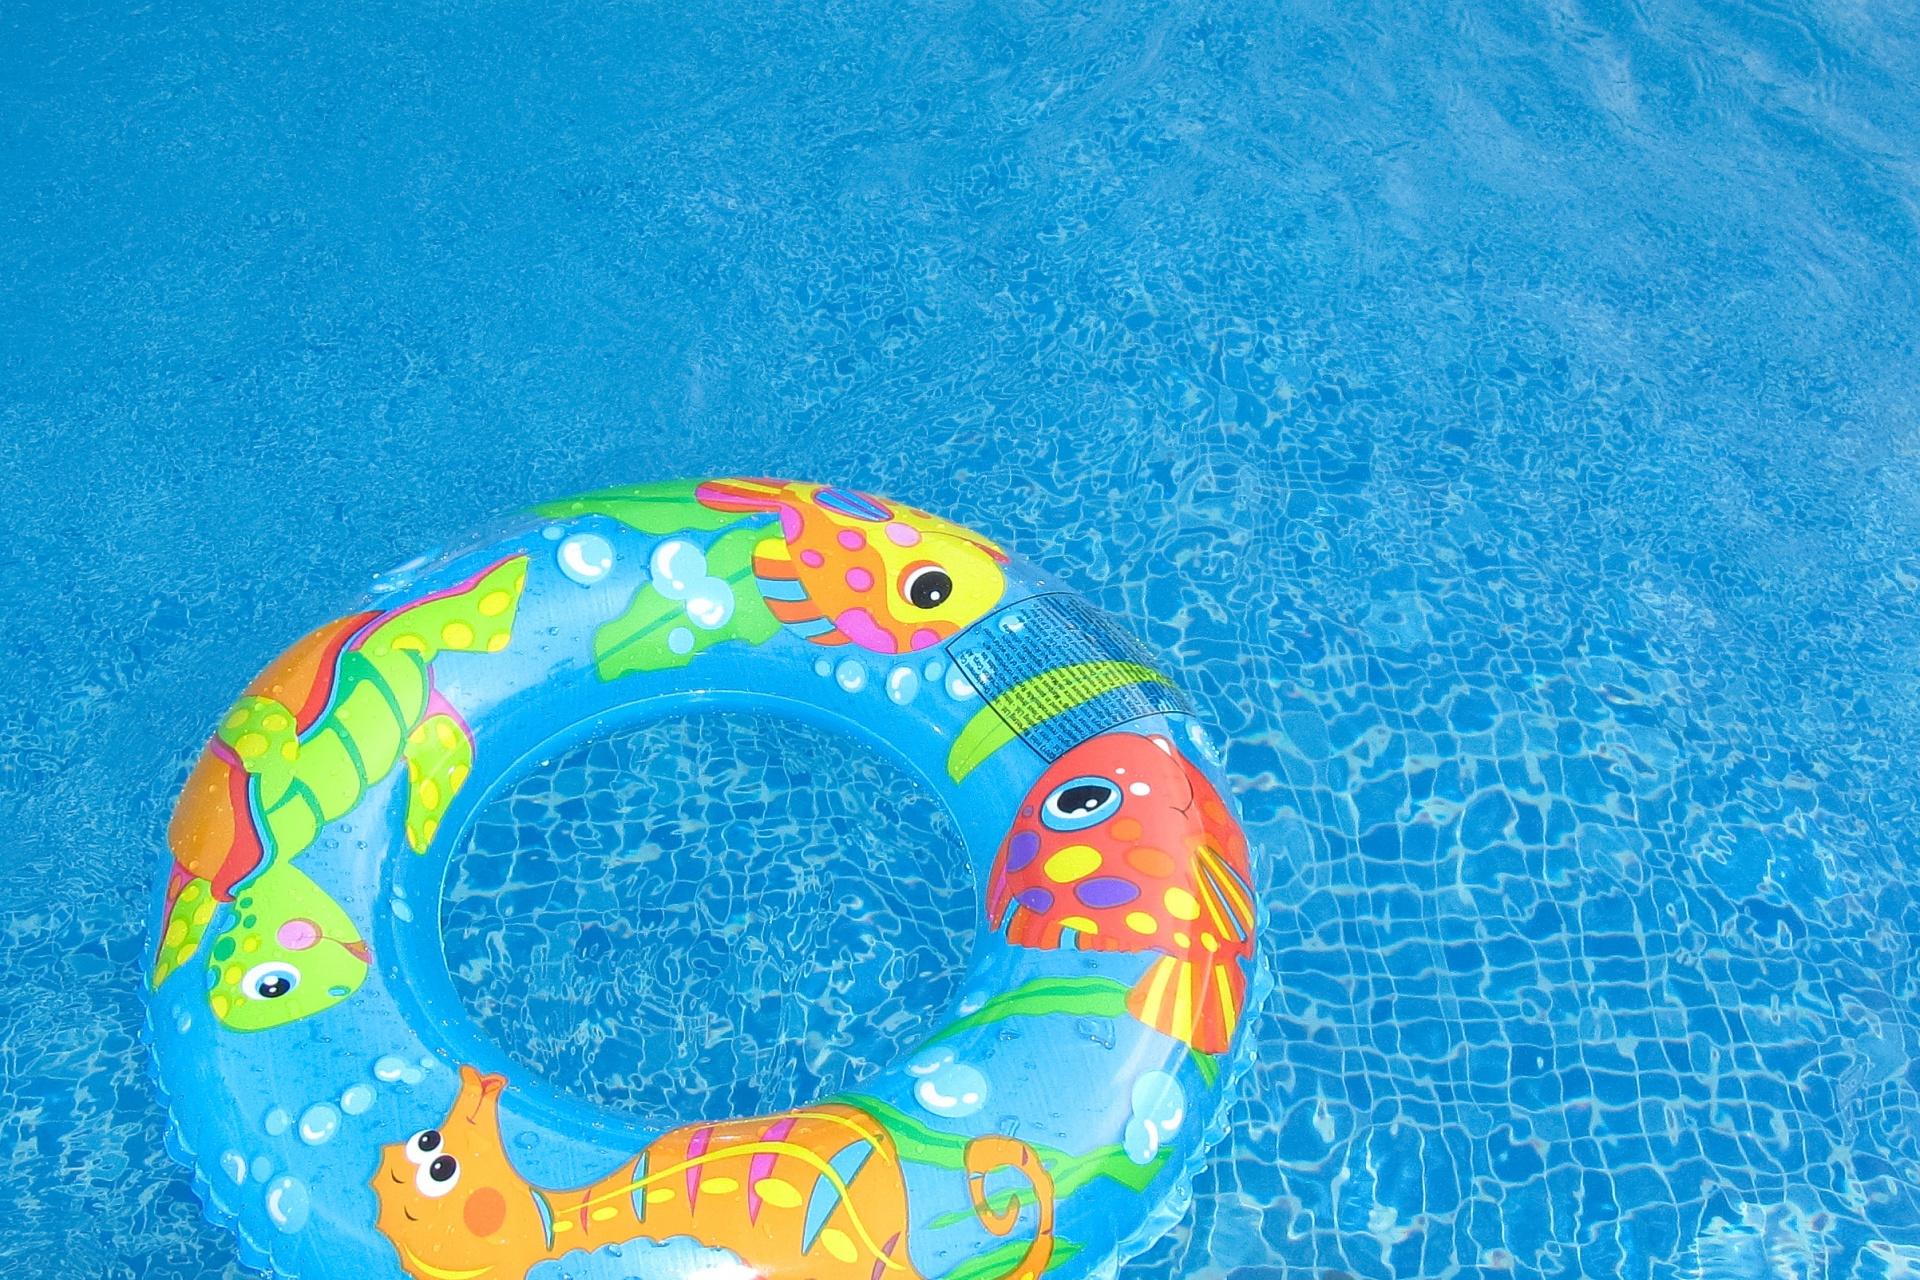 herbruikbare zwemluier of wegwerp zwemluier